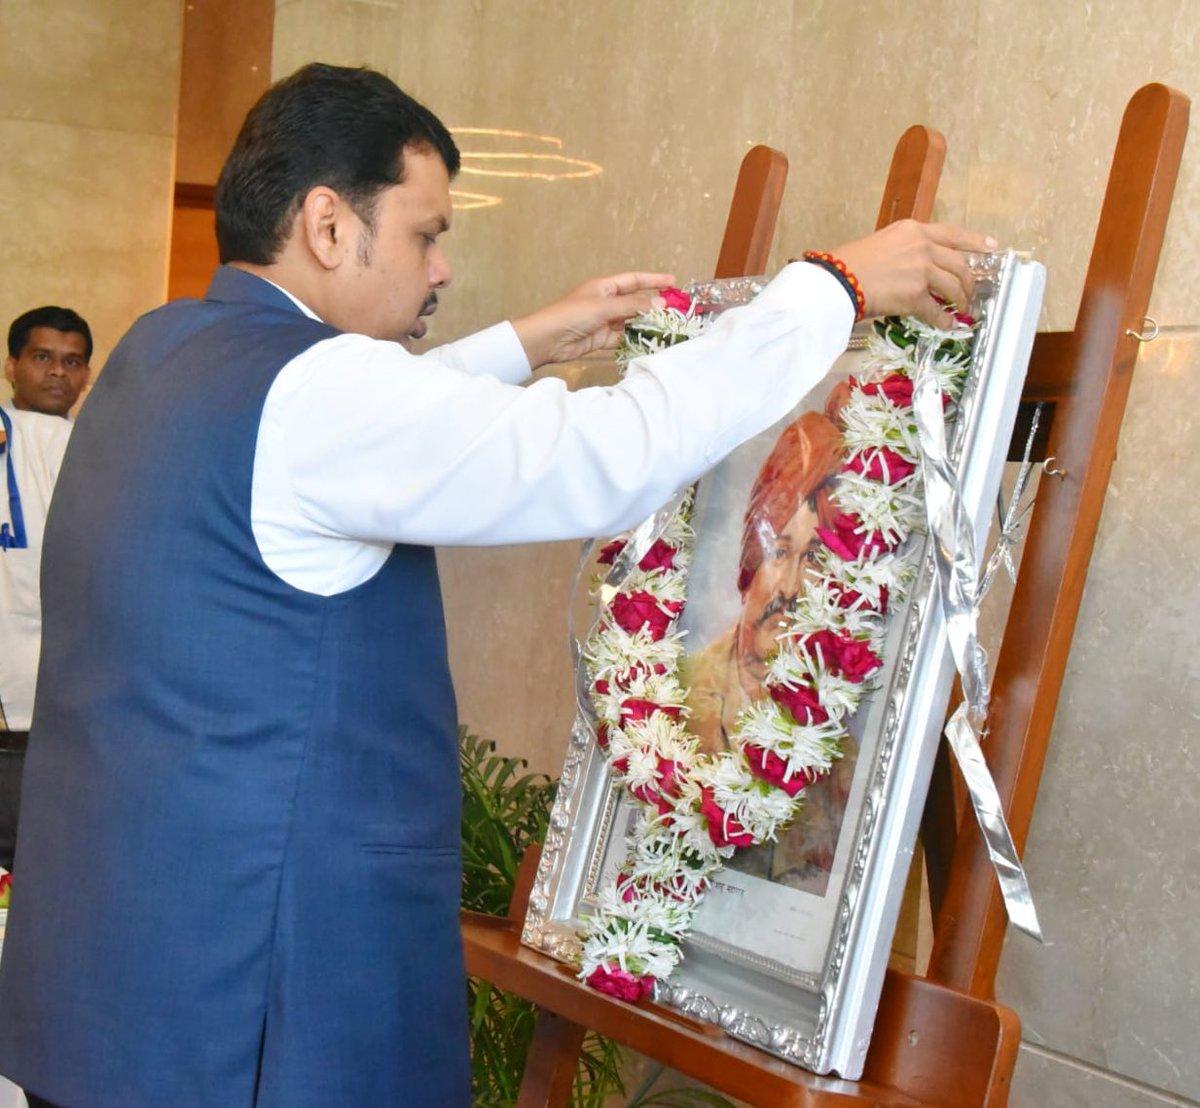 Paid my humble tributes to Chhatrapati Rajarshi Shahu Maharaj at Mantralaya, Mumbai on his birth anniversary, this morning.  राजर्षि छत्रपती शाहू महाराज यांच्या जयंतीनिमित्त आज त्यांच्या प्रतिमेला मंत्रालय, मुंबई येथे पुष्पहार अर्पण करून अभिवादन केले.